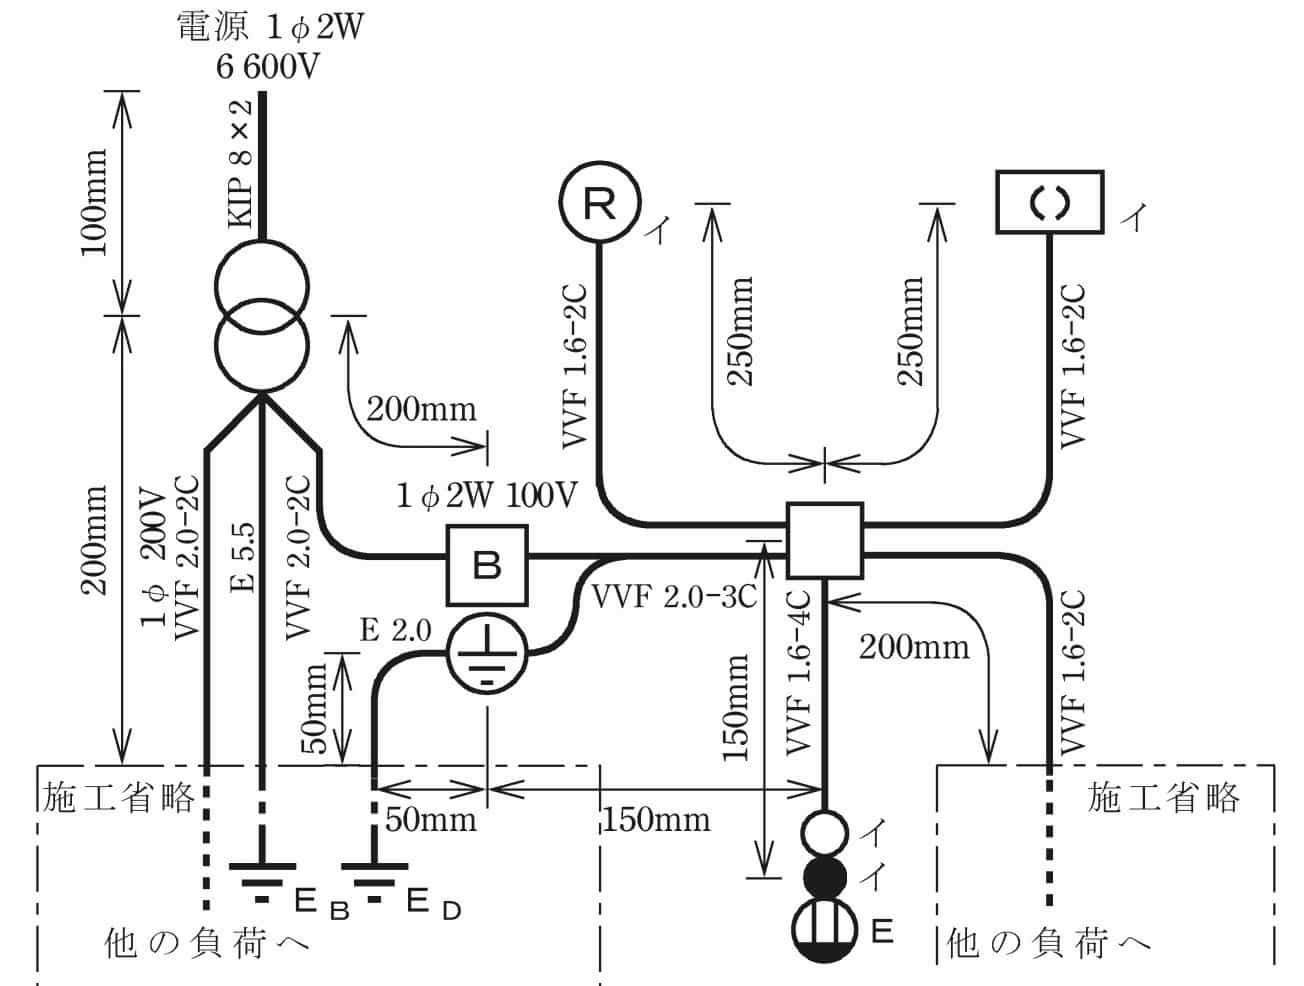 第一種電気工事士の技能試験の試験問題No.4の試験問題